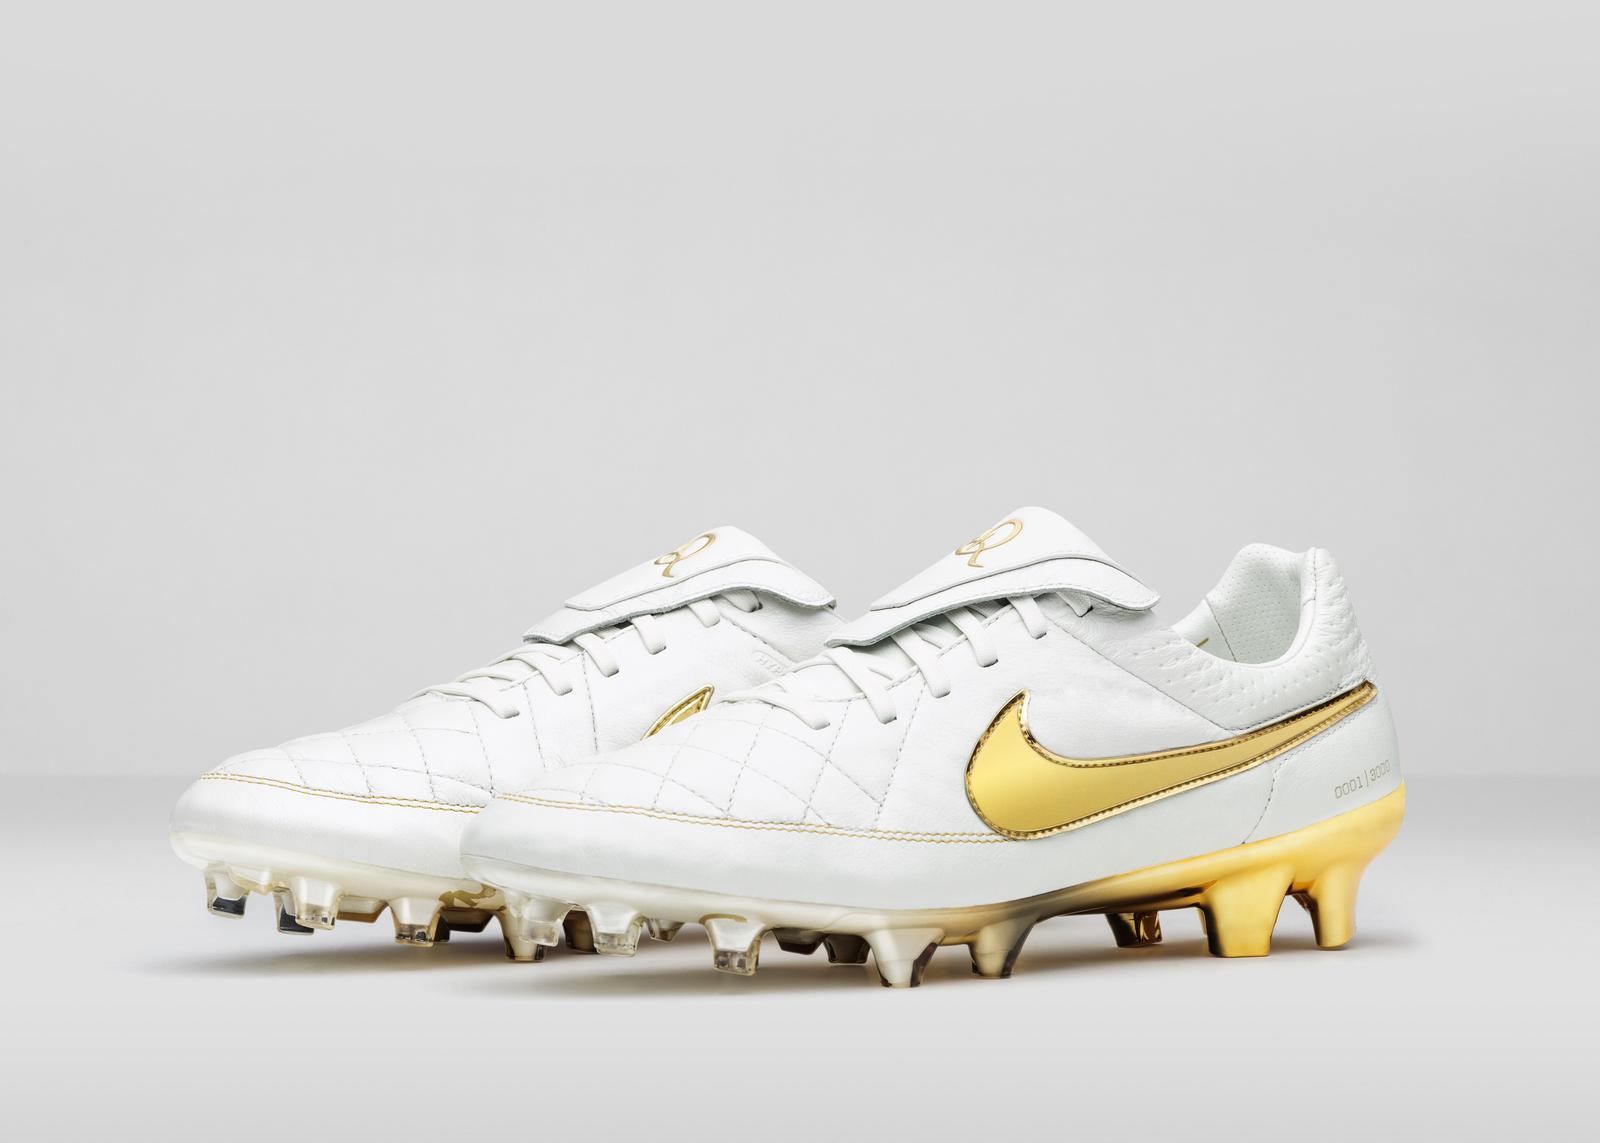 Nike_Football_Ronaldino_Tiempo_Gold_R_PAIR